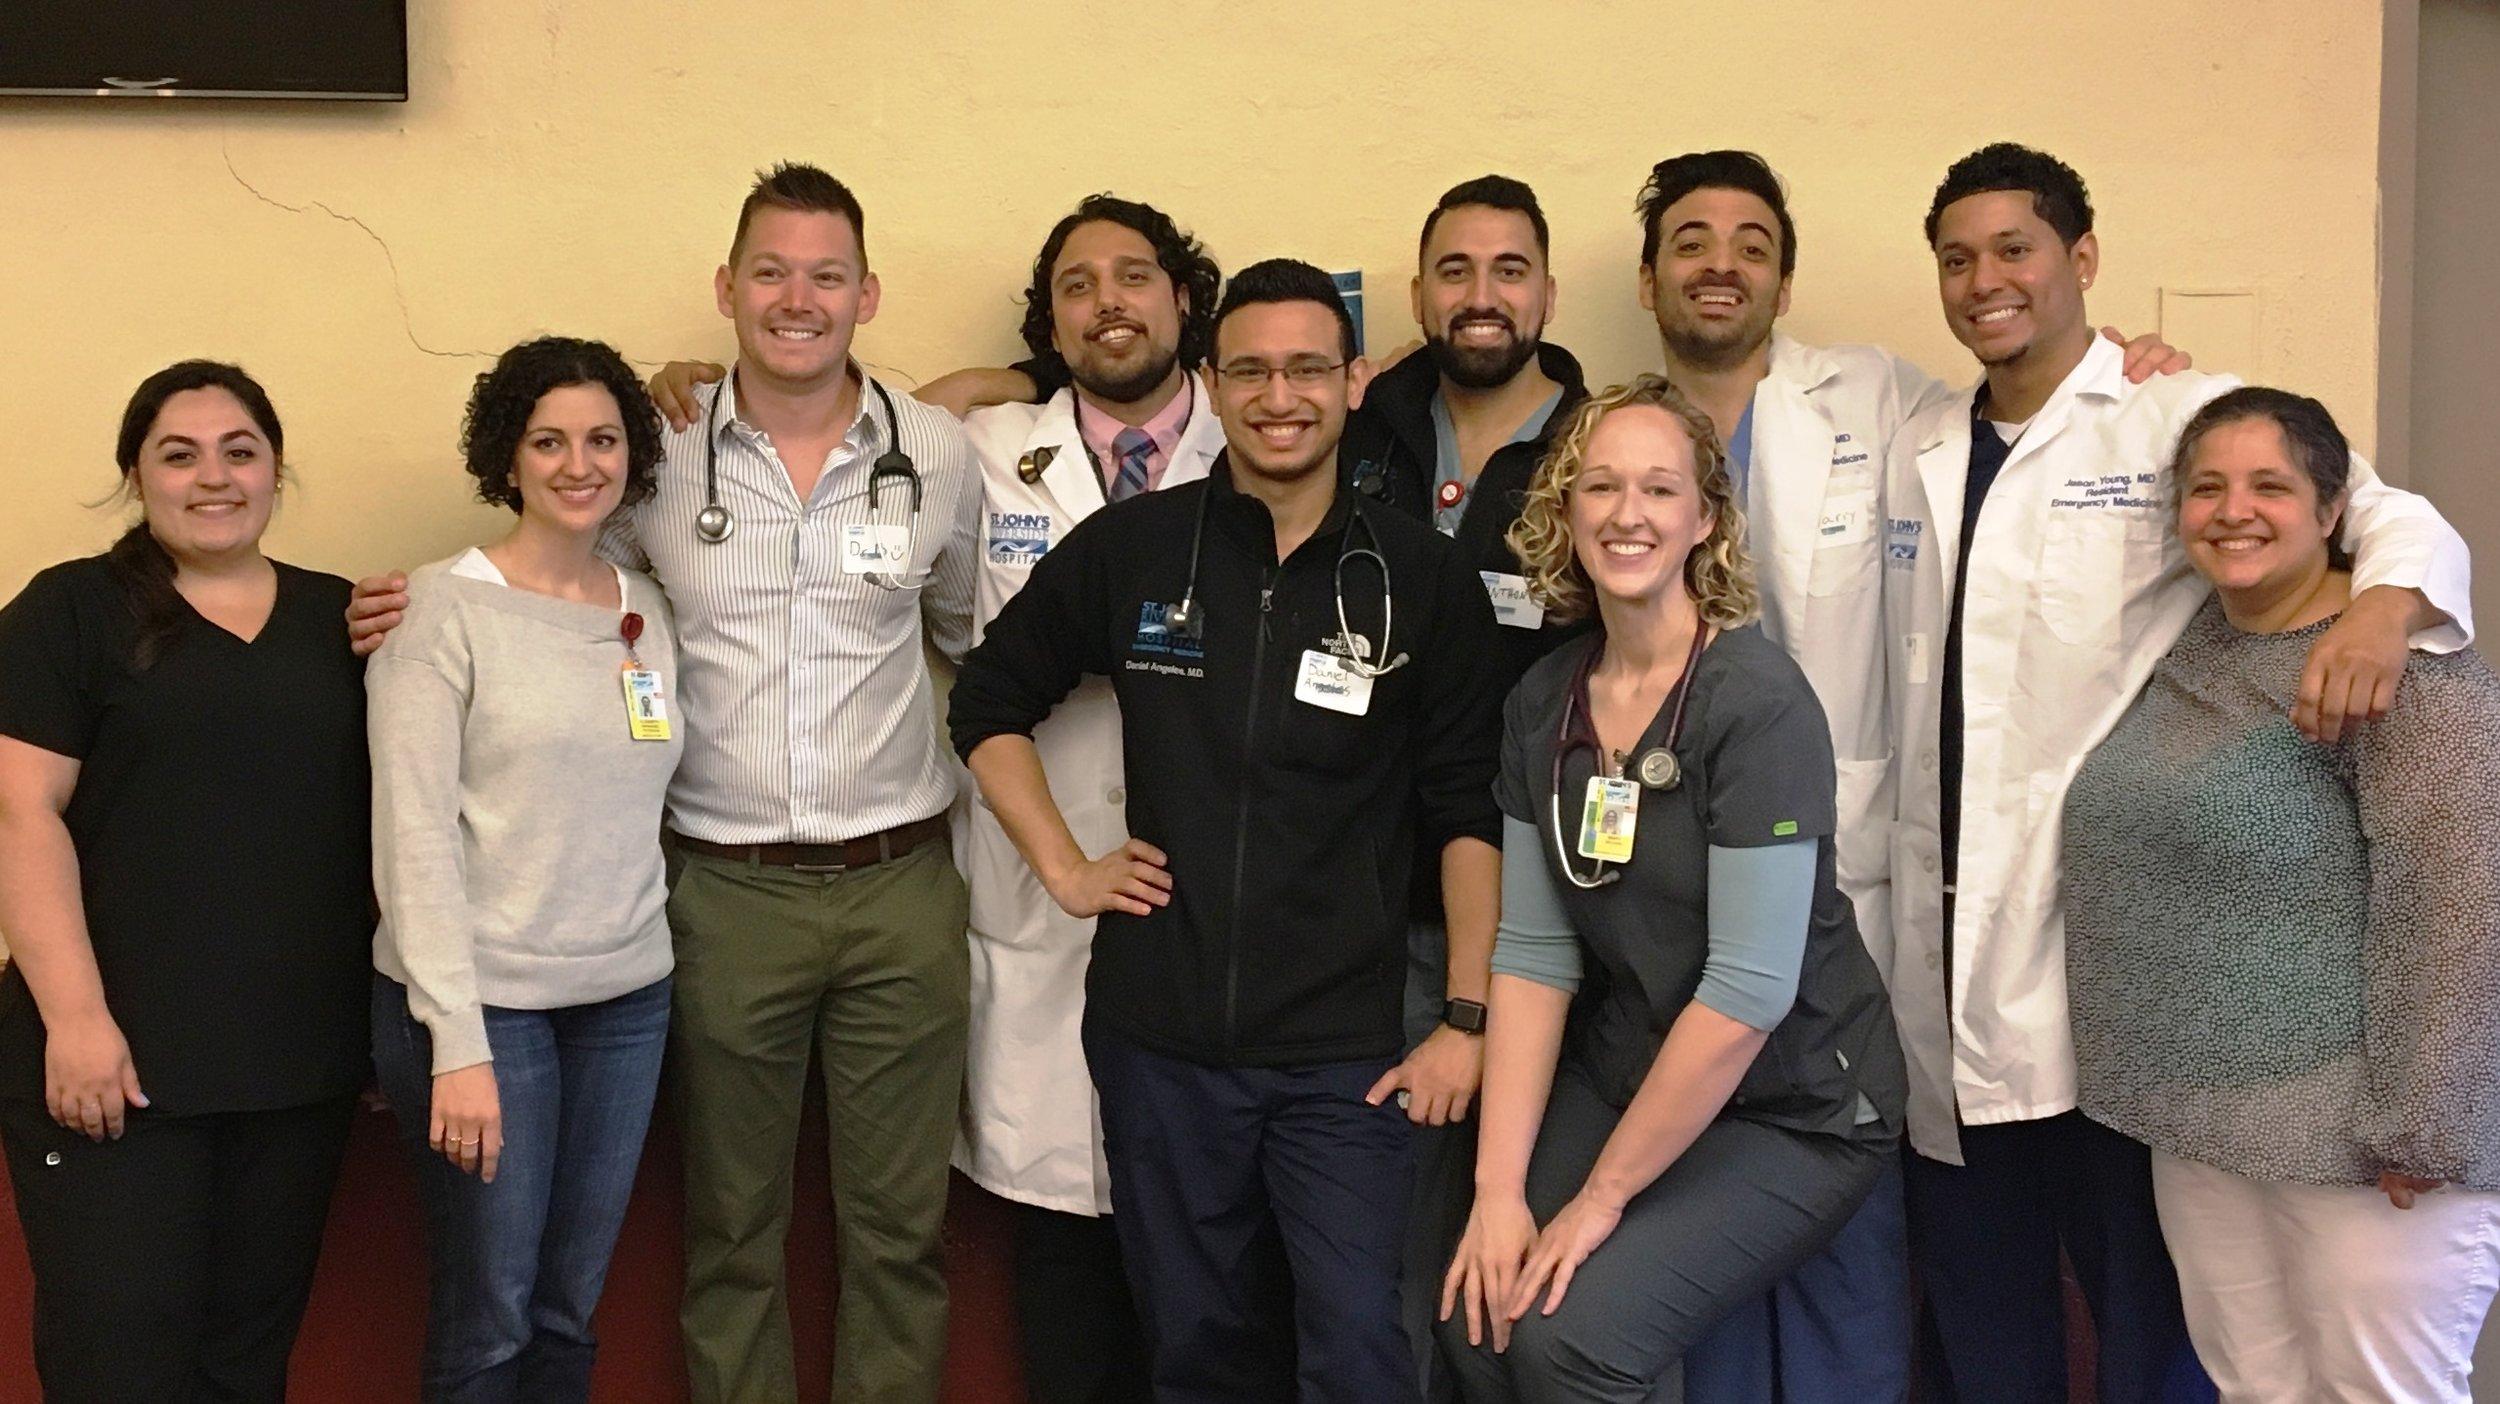 St. Johns Riverside Physicians.jpg